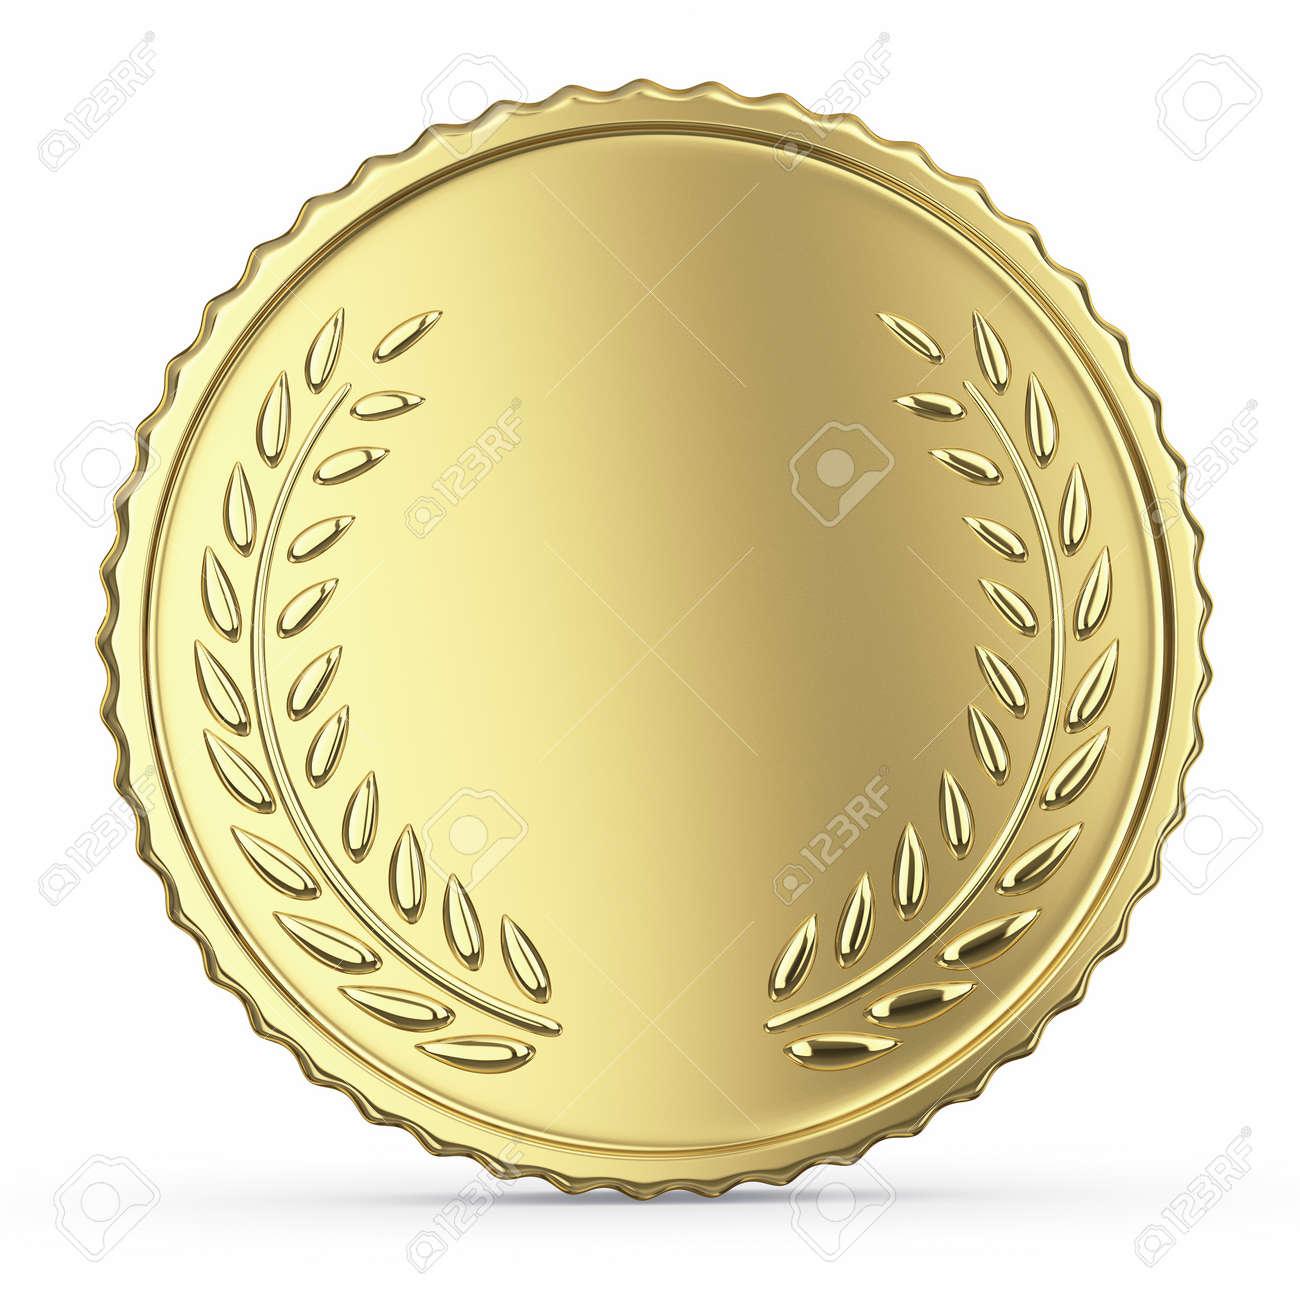 Blank golden medal - 24117474